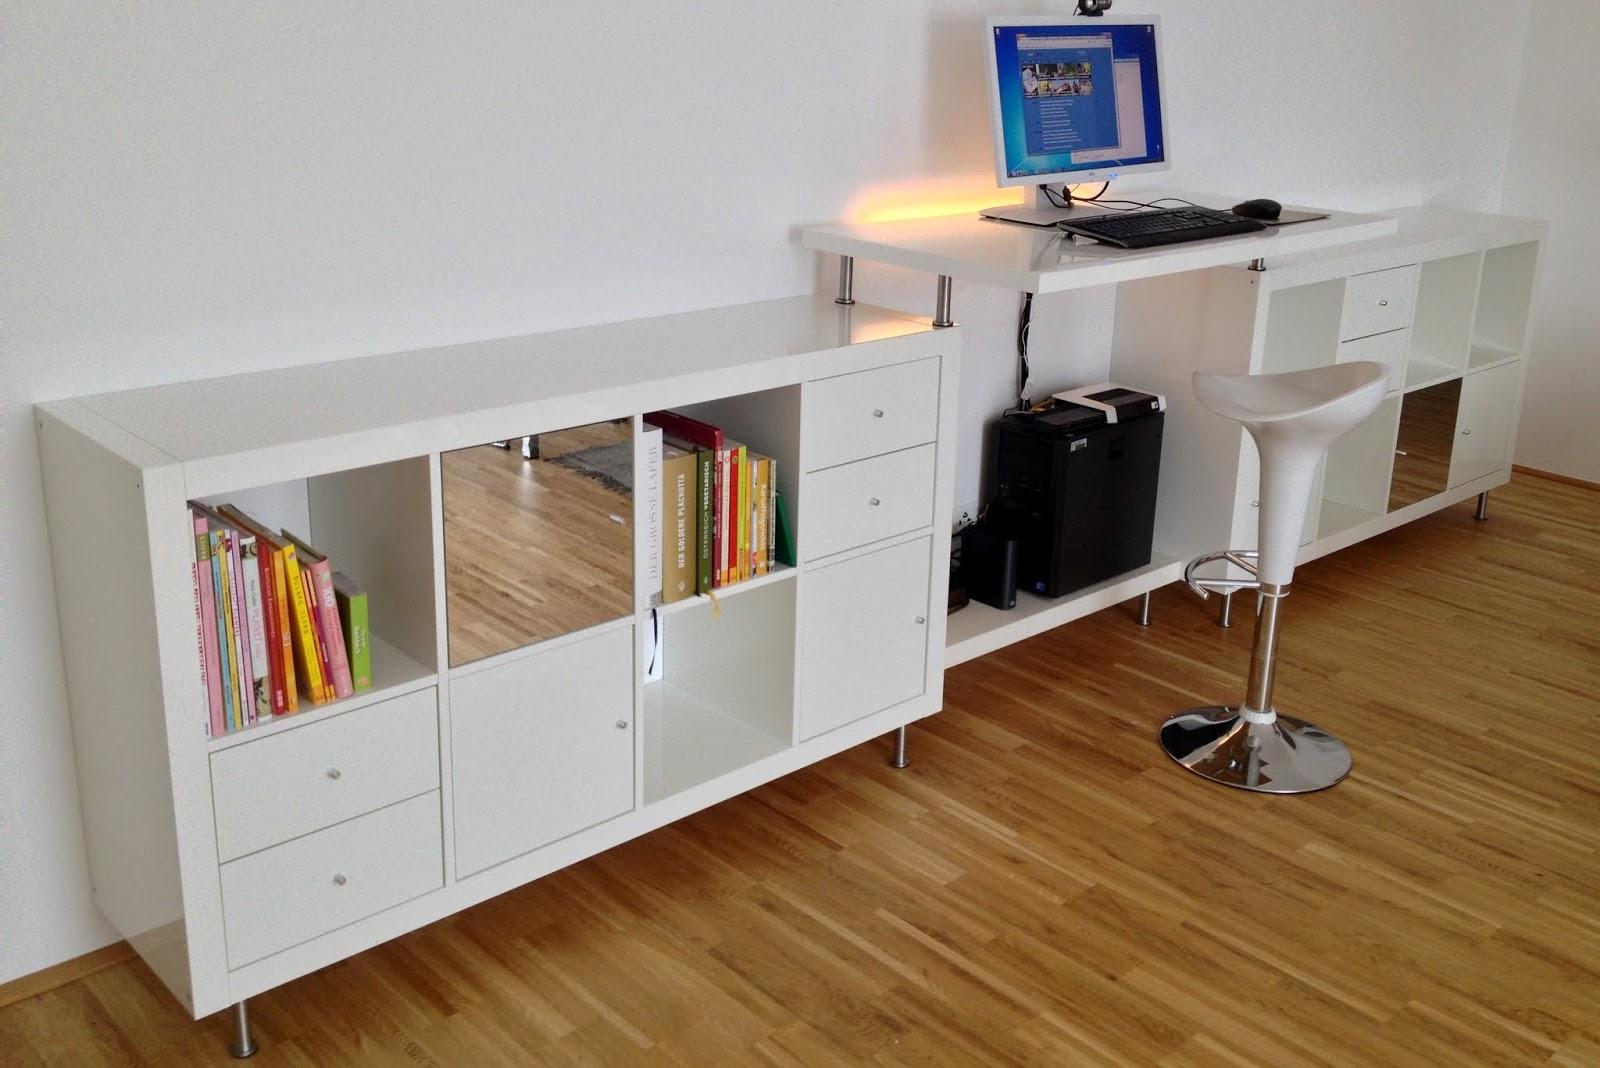 Ikea Hemnes Wandregal Weiss ~ Nach 9 Stunden messen, schneiden, bohren, hämmern, schrauben ist es